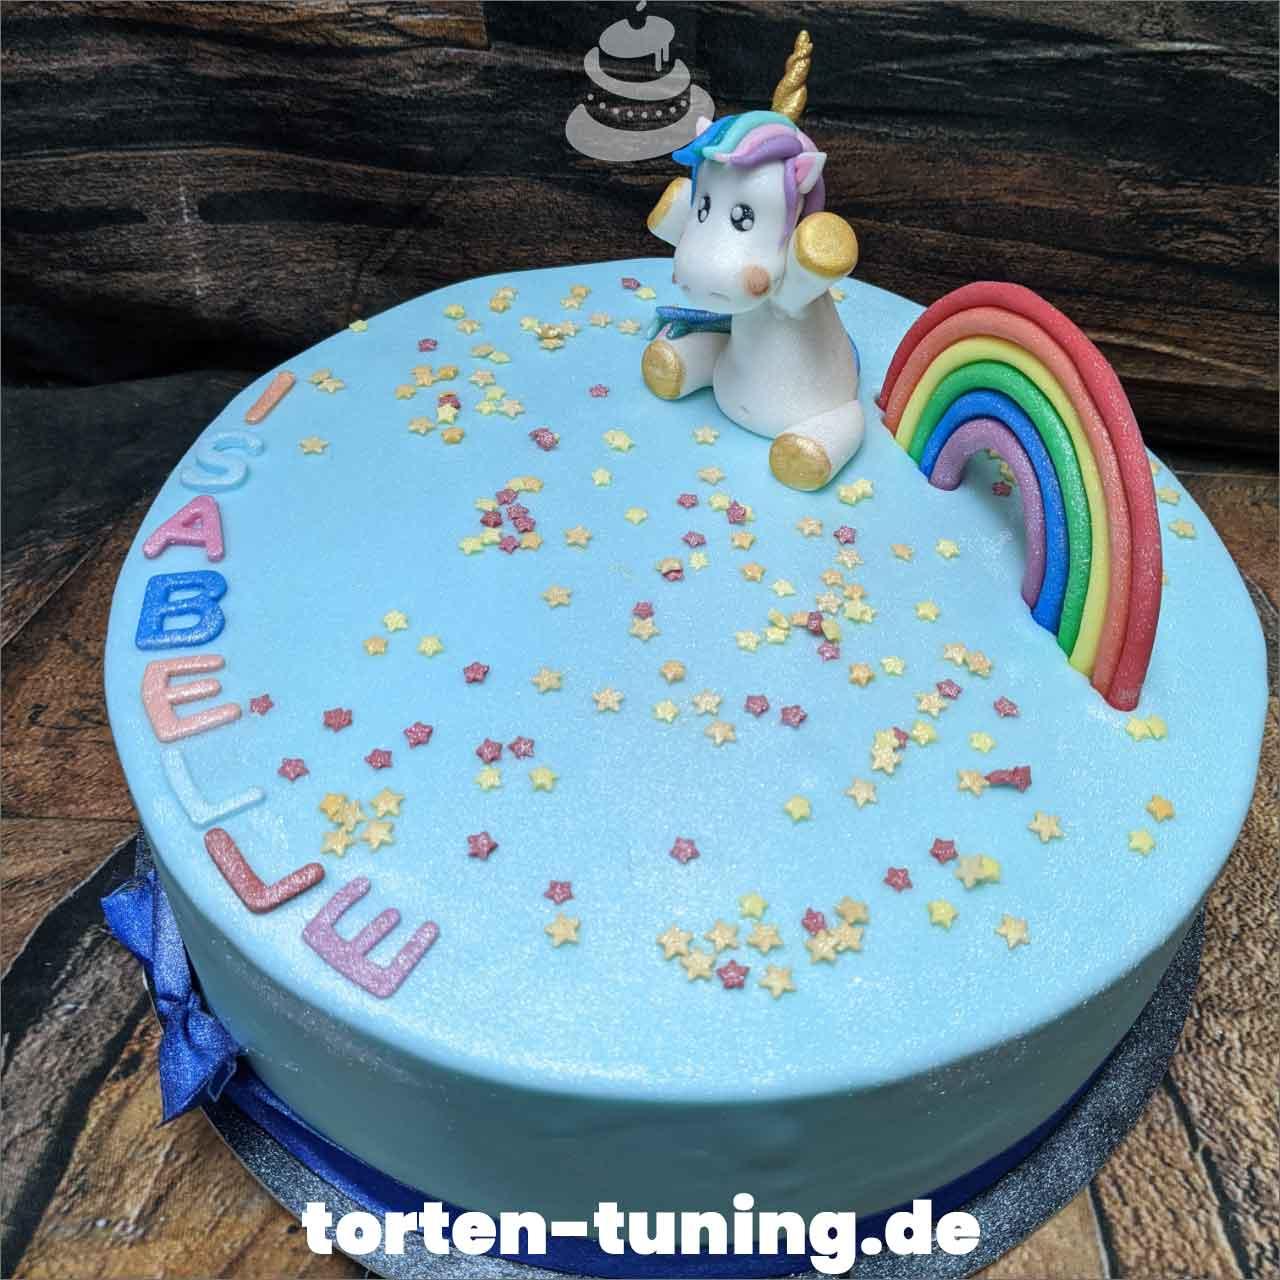 Regenbogen Einhorn Kinder Dripcake Obsttorte Geburtstagstorte Motivtorte Torte Tortendekoration Torte online bestellen Suhl Thüringen Torten Tuning Sahnetorte Tortenfiguren Cake Topper